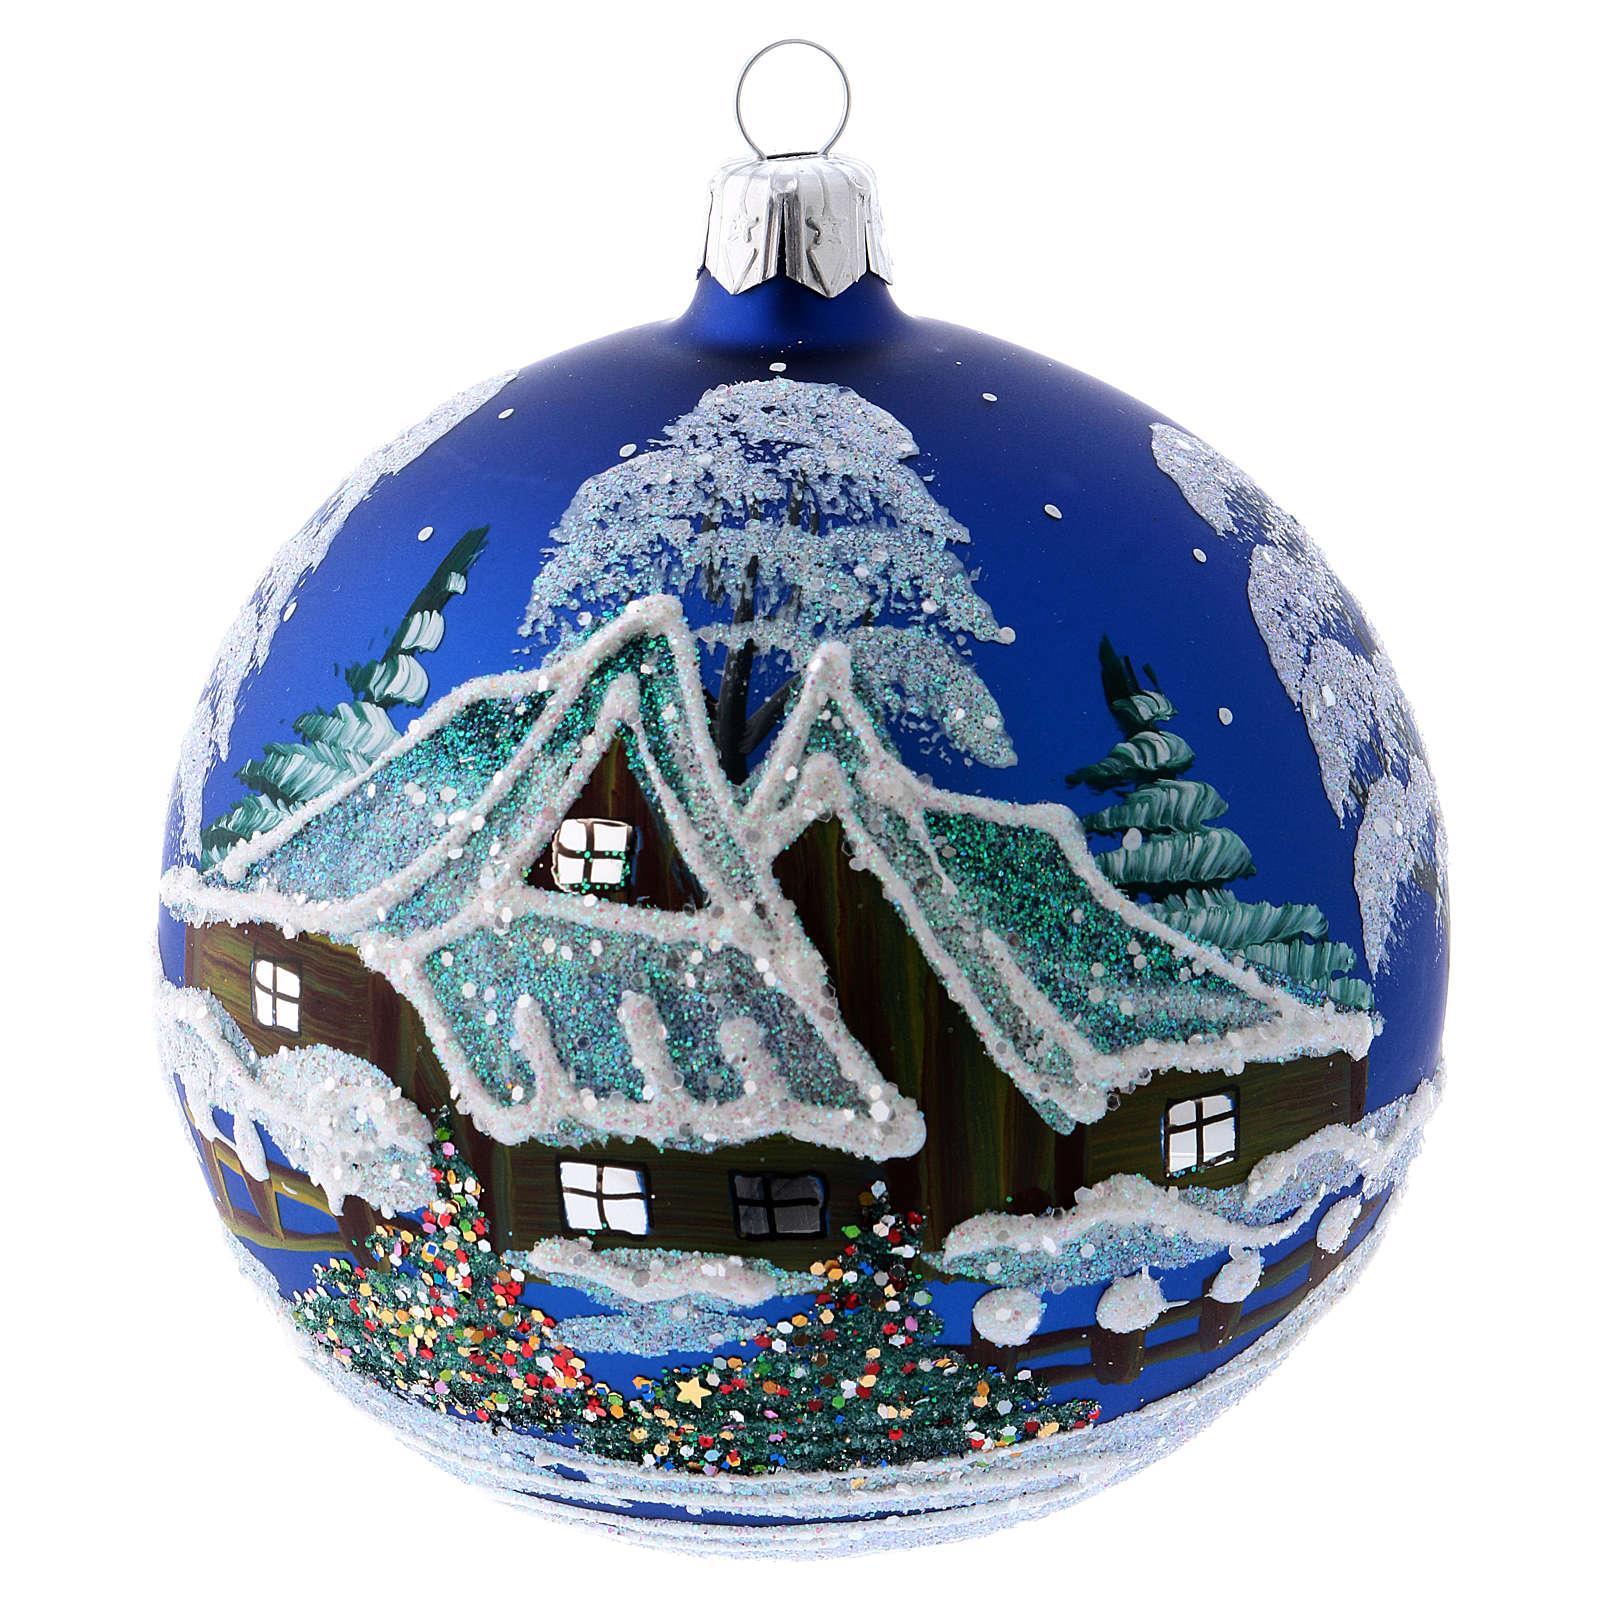 Kugel Für Tannenbaum.Tannenbaum Kugel Landschaft Mit Schnee Blau 100mm